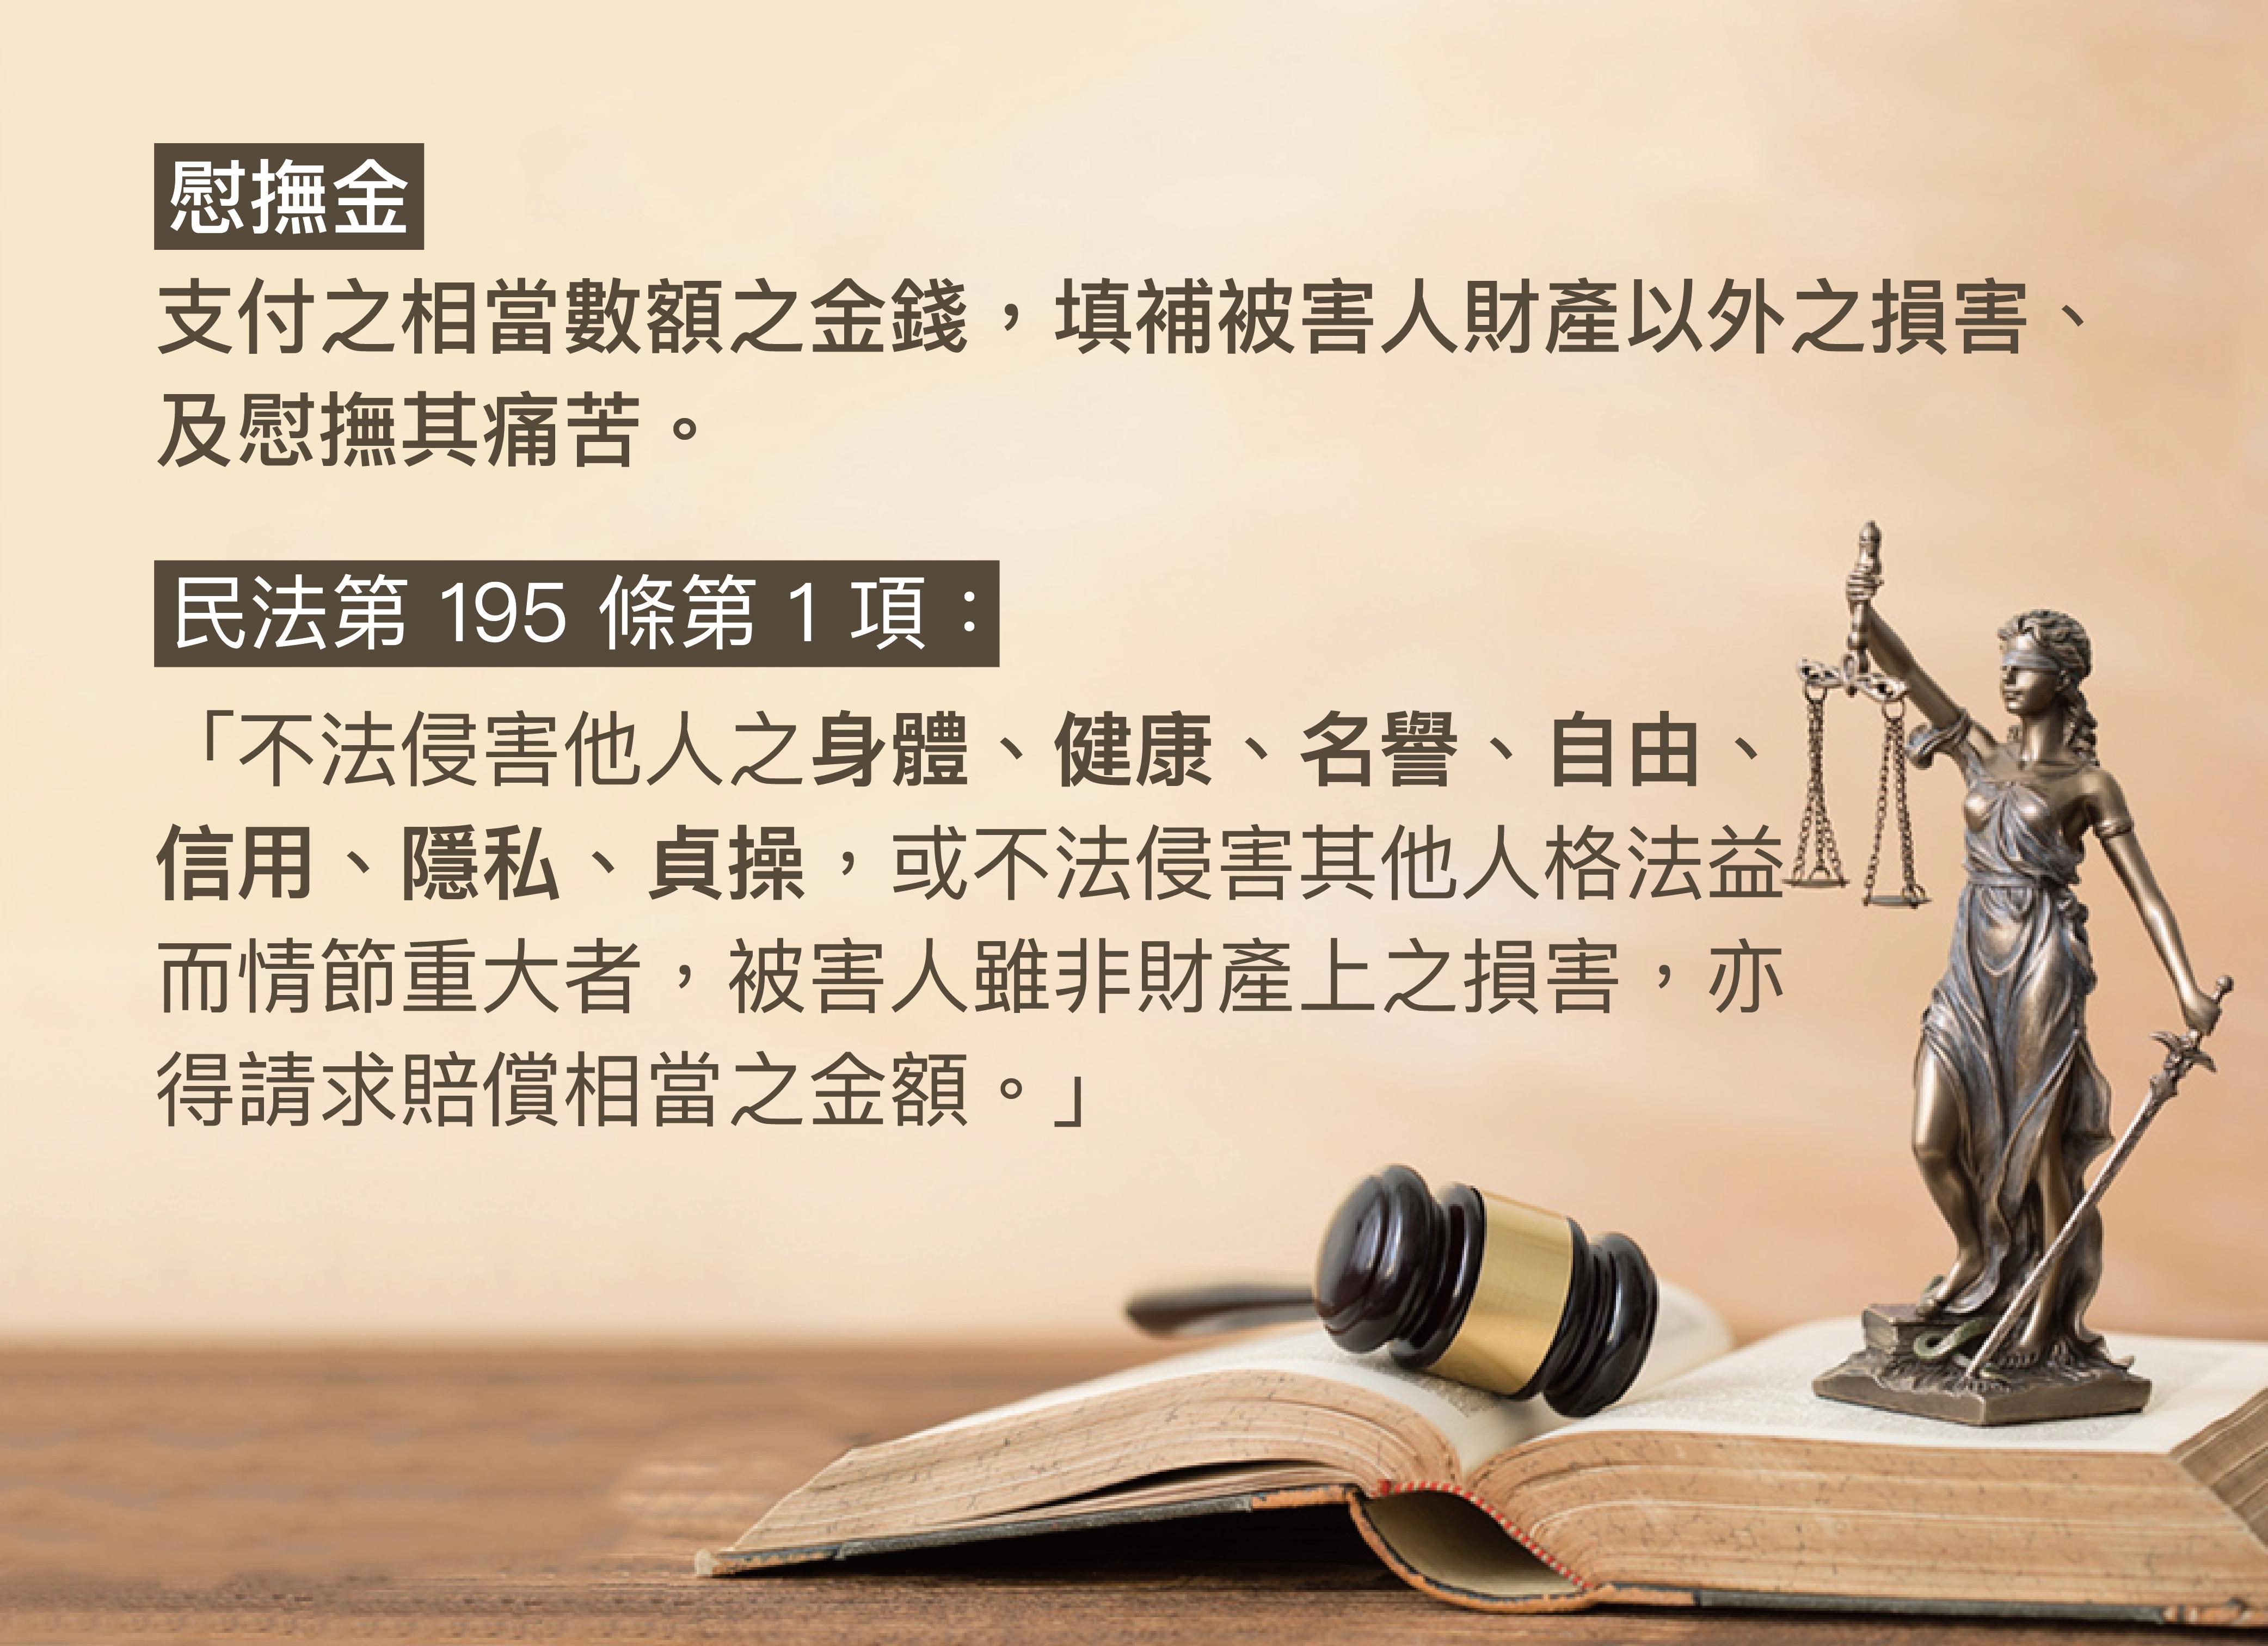 慰撫金的概念與民法規定。 資料來源│張永健 圖說設計│黃楷元、張語辰